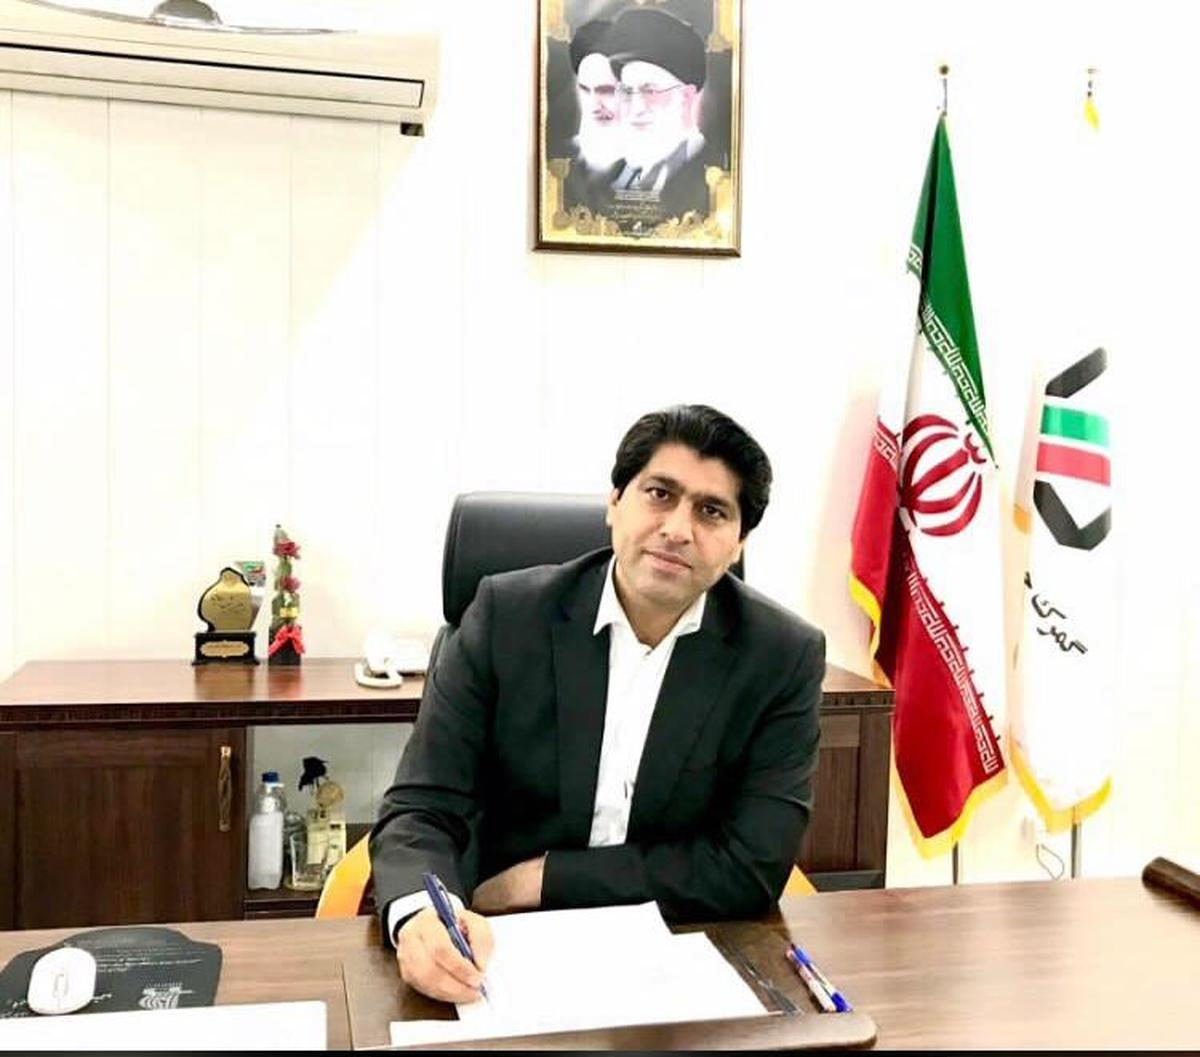 مرز تجاری مهران مجددا فعالیت خود را آغاز کرد/ صادرات کالا از مرز مهران از سر گرفته شد